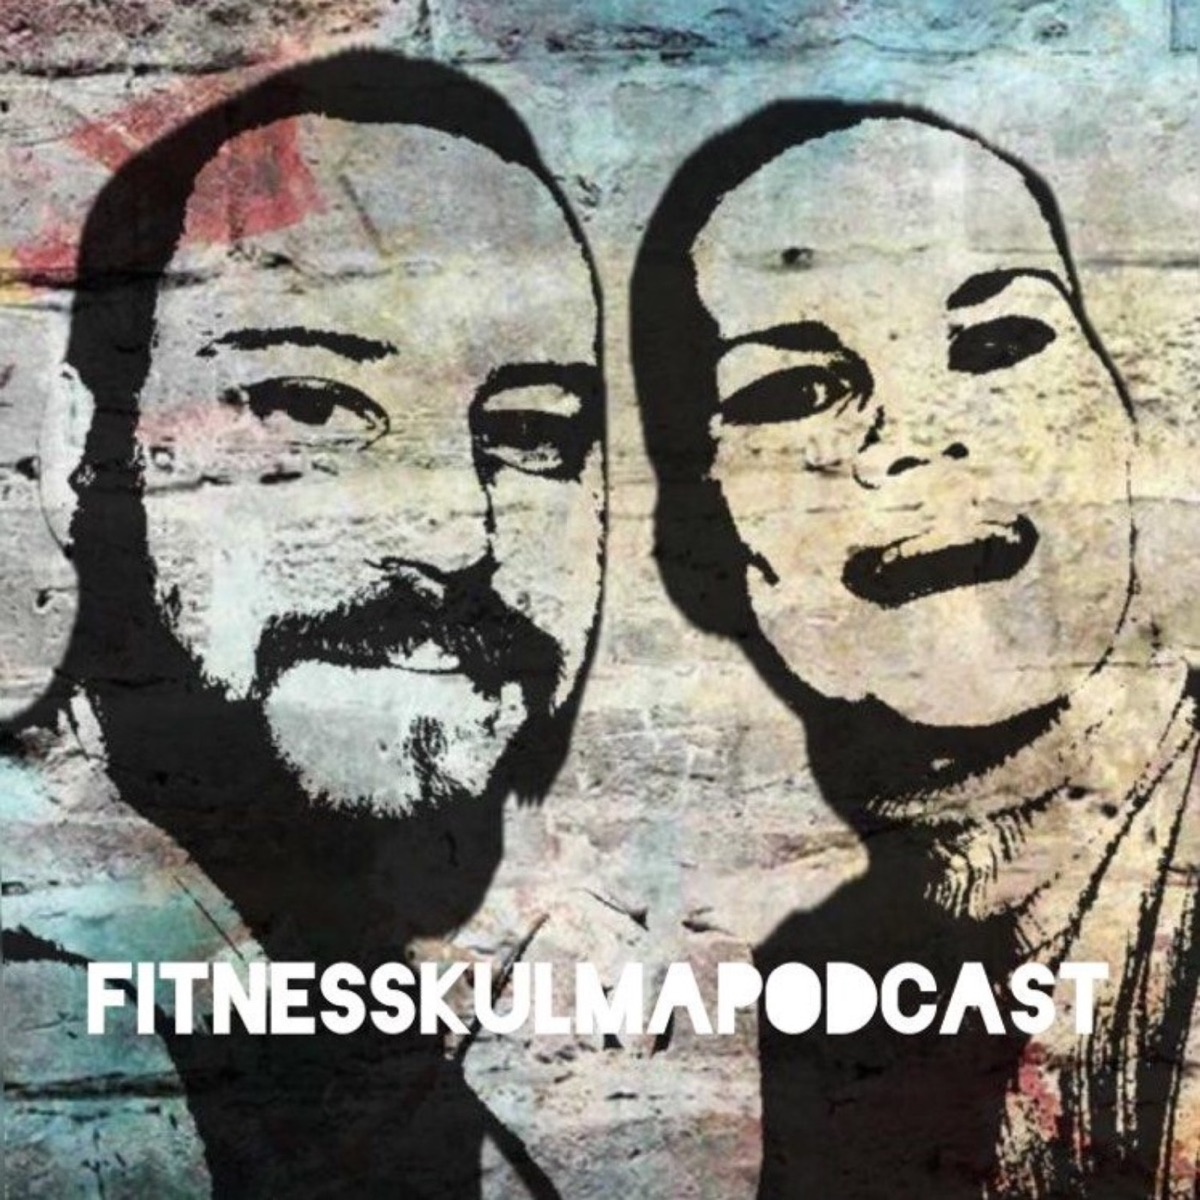 Fitnesskulmapodcast